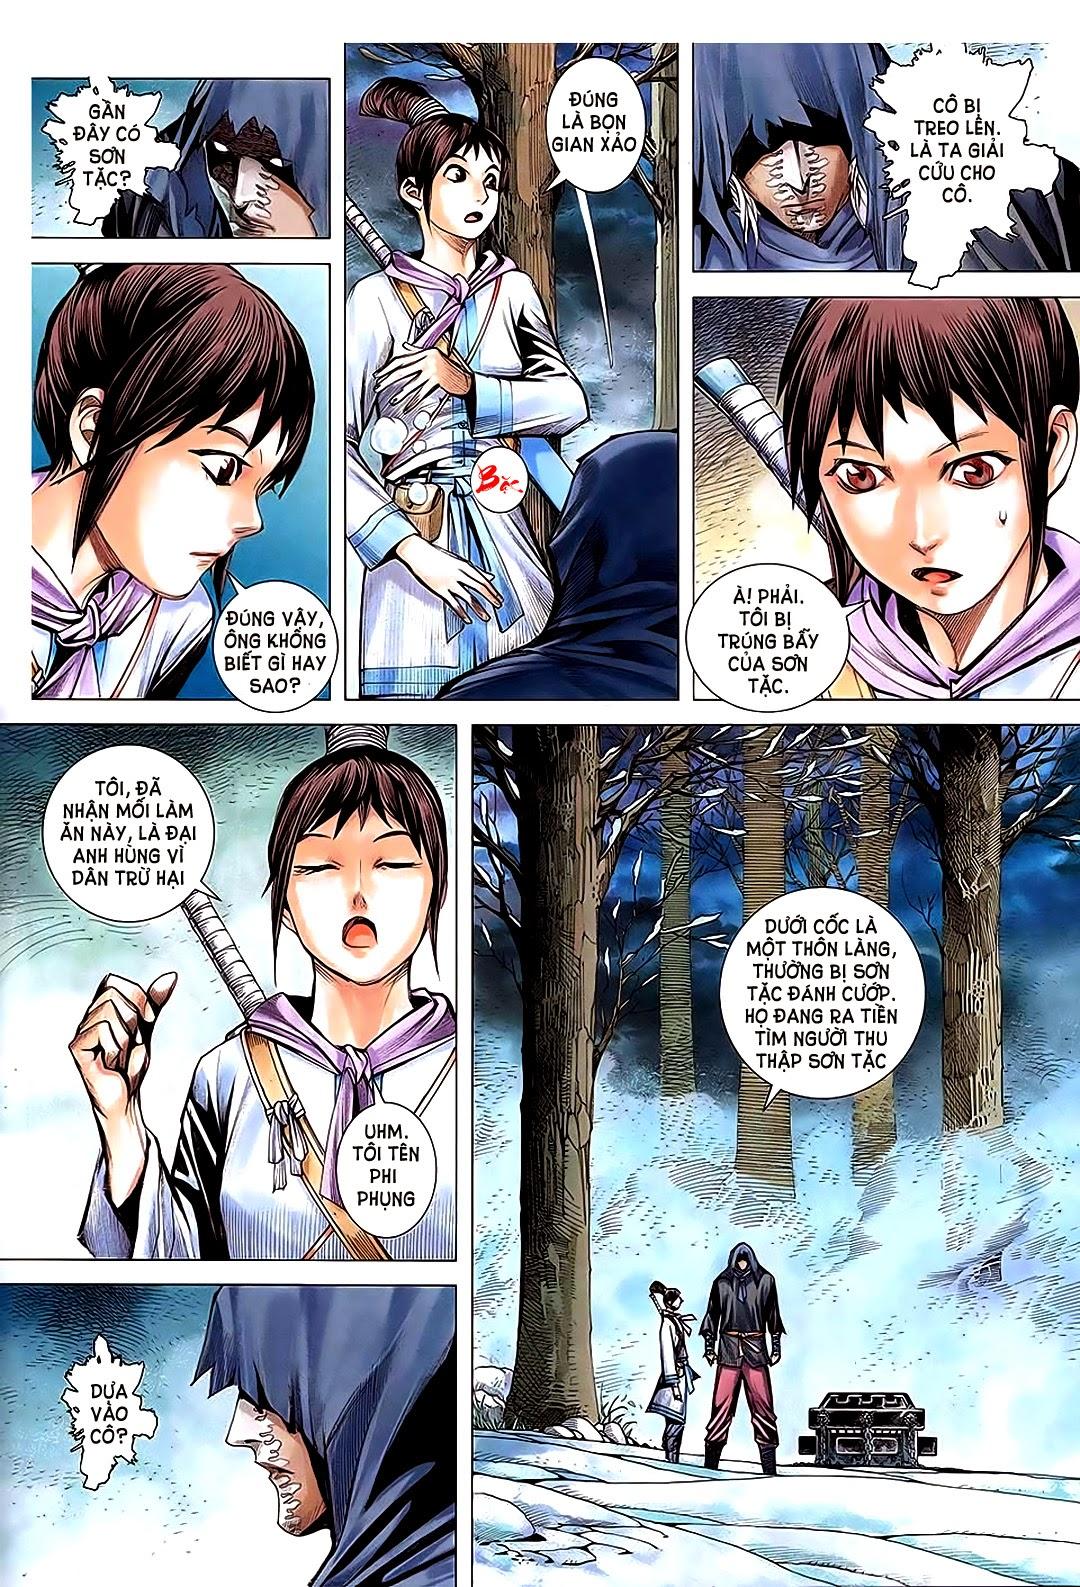 Phong Thần Ký chap 182 – End Trang 14 - Mangak.info